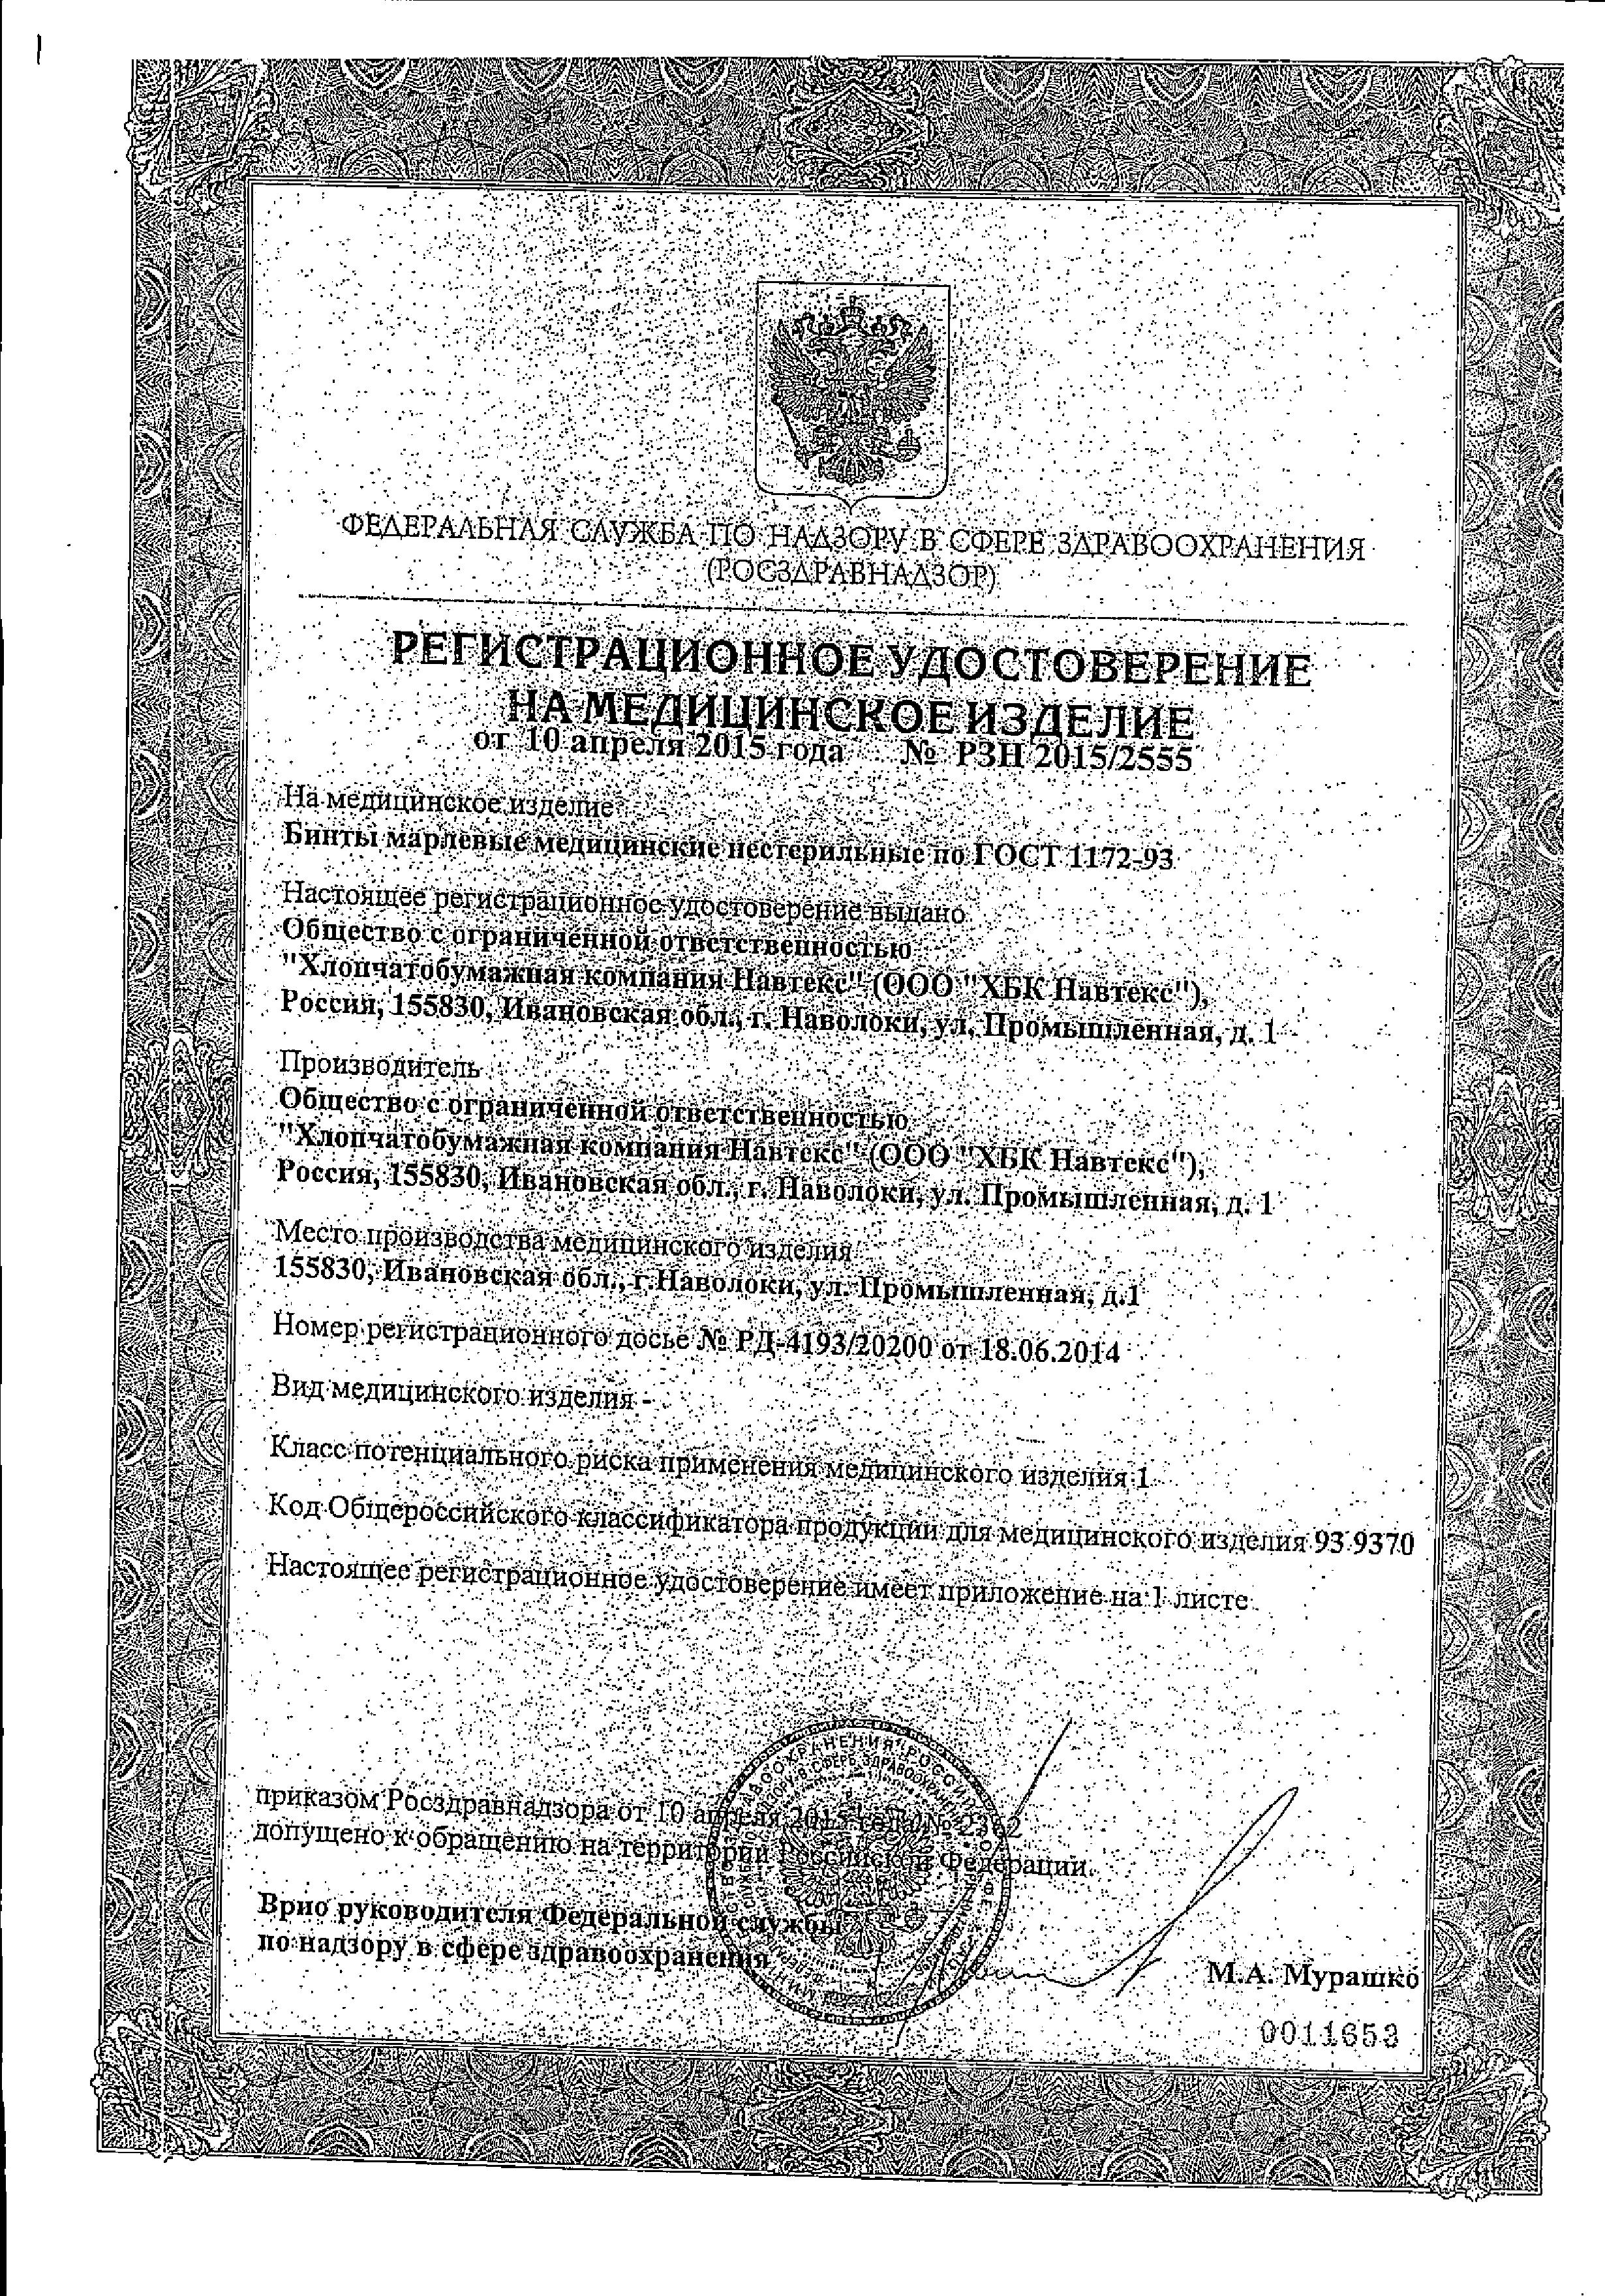 Клинса бинт марлевый нестерильный высокой плотности сертификат